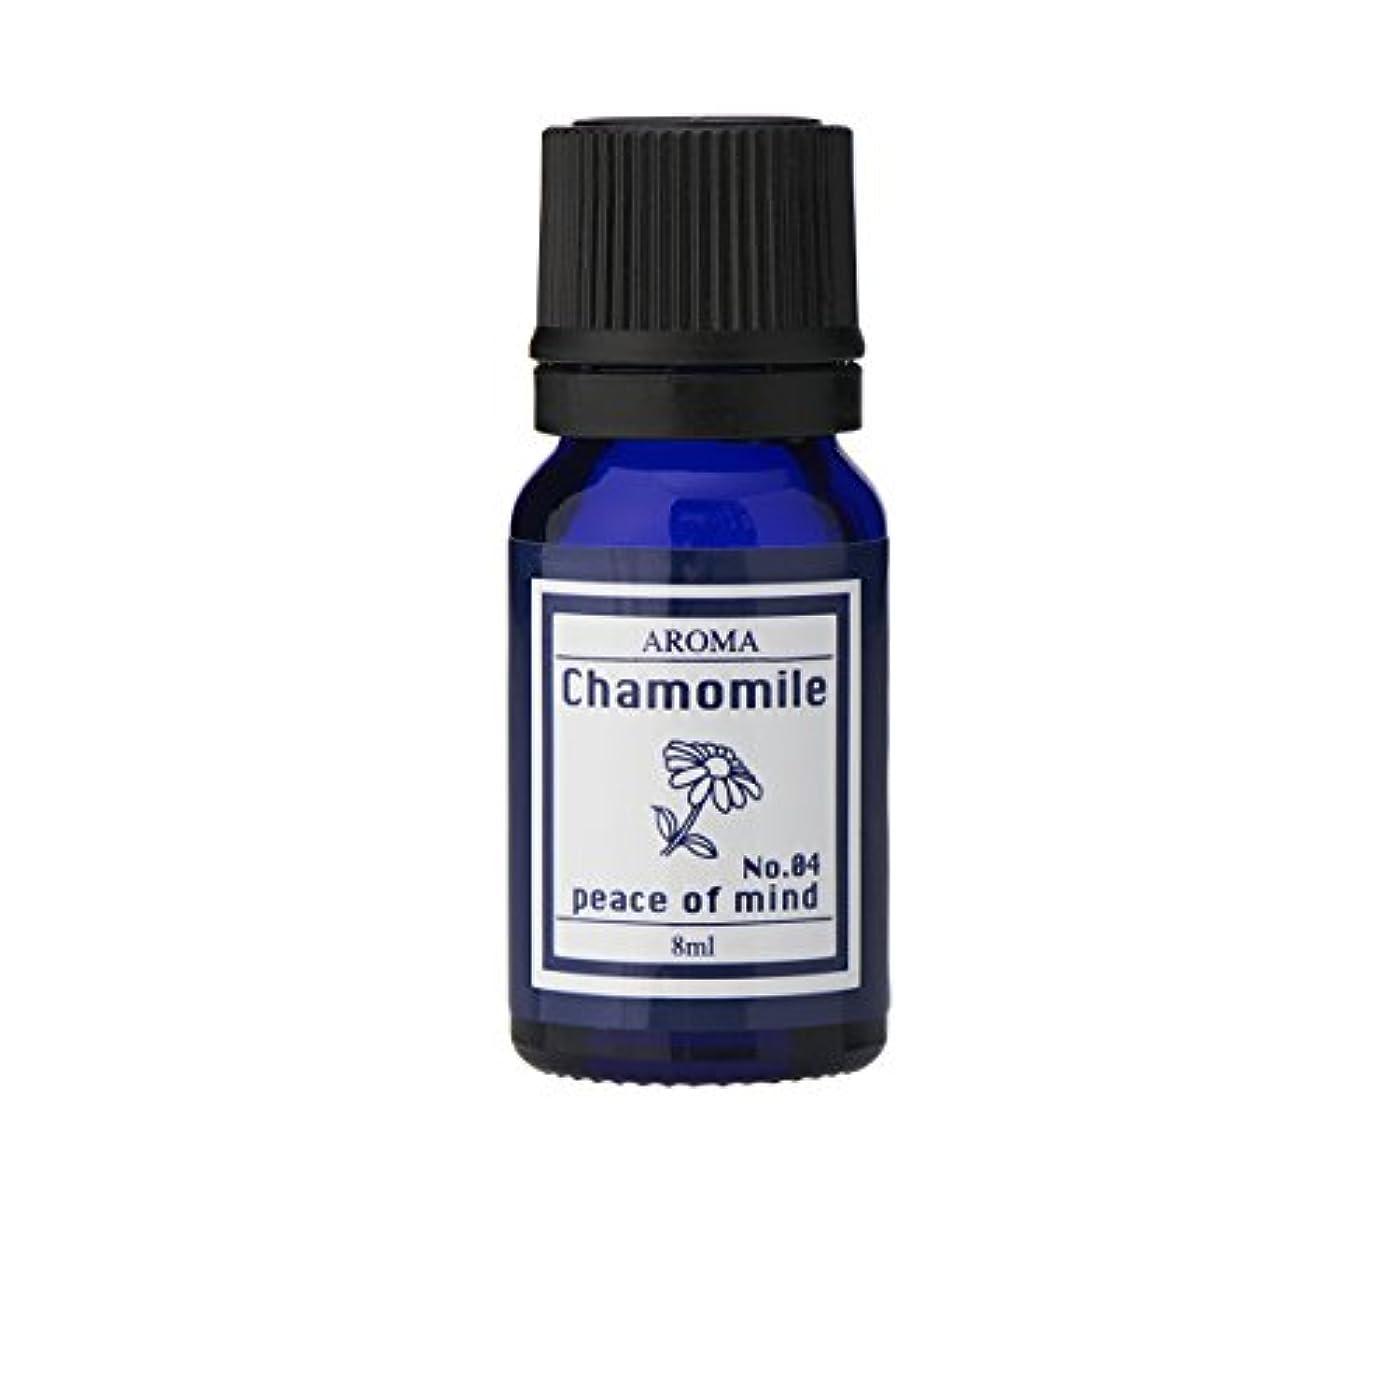 取り付けセマフォ韻ブルーラベル アロマエッセンス8ml カモマイル(アロマオイル 調合香料 芳香用)